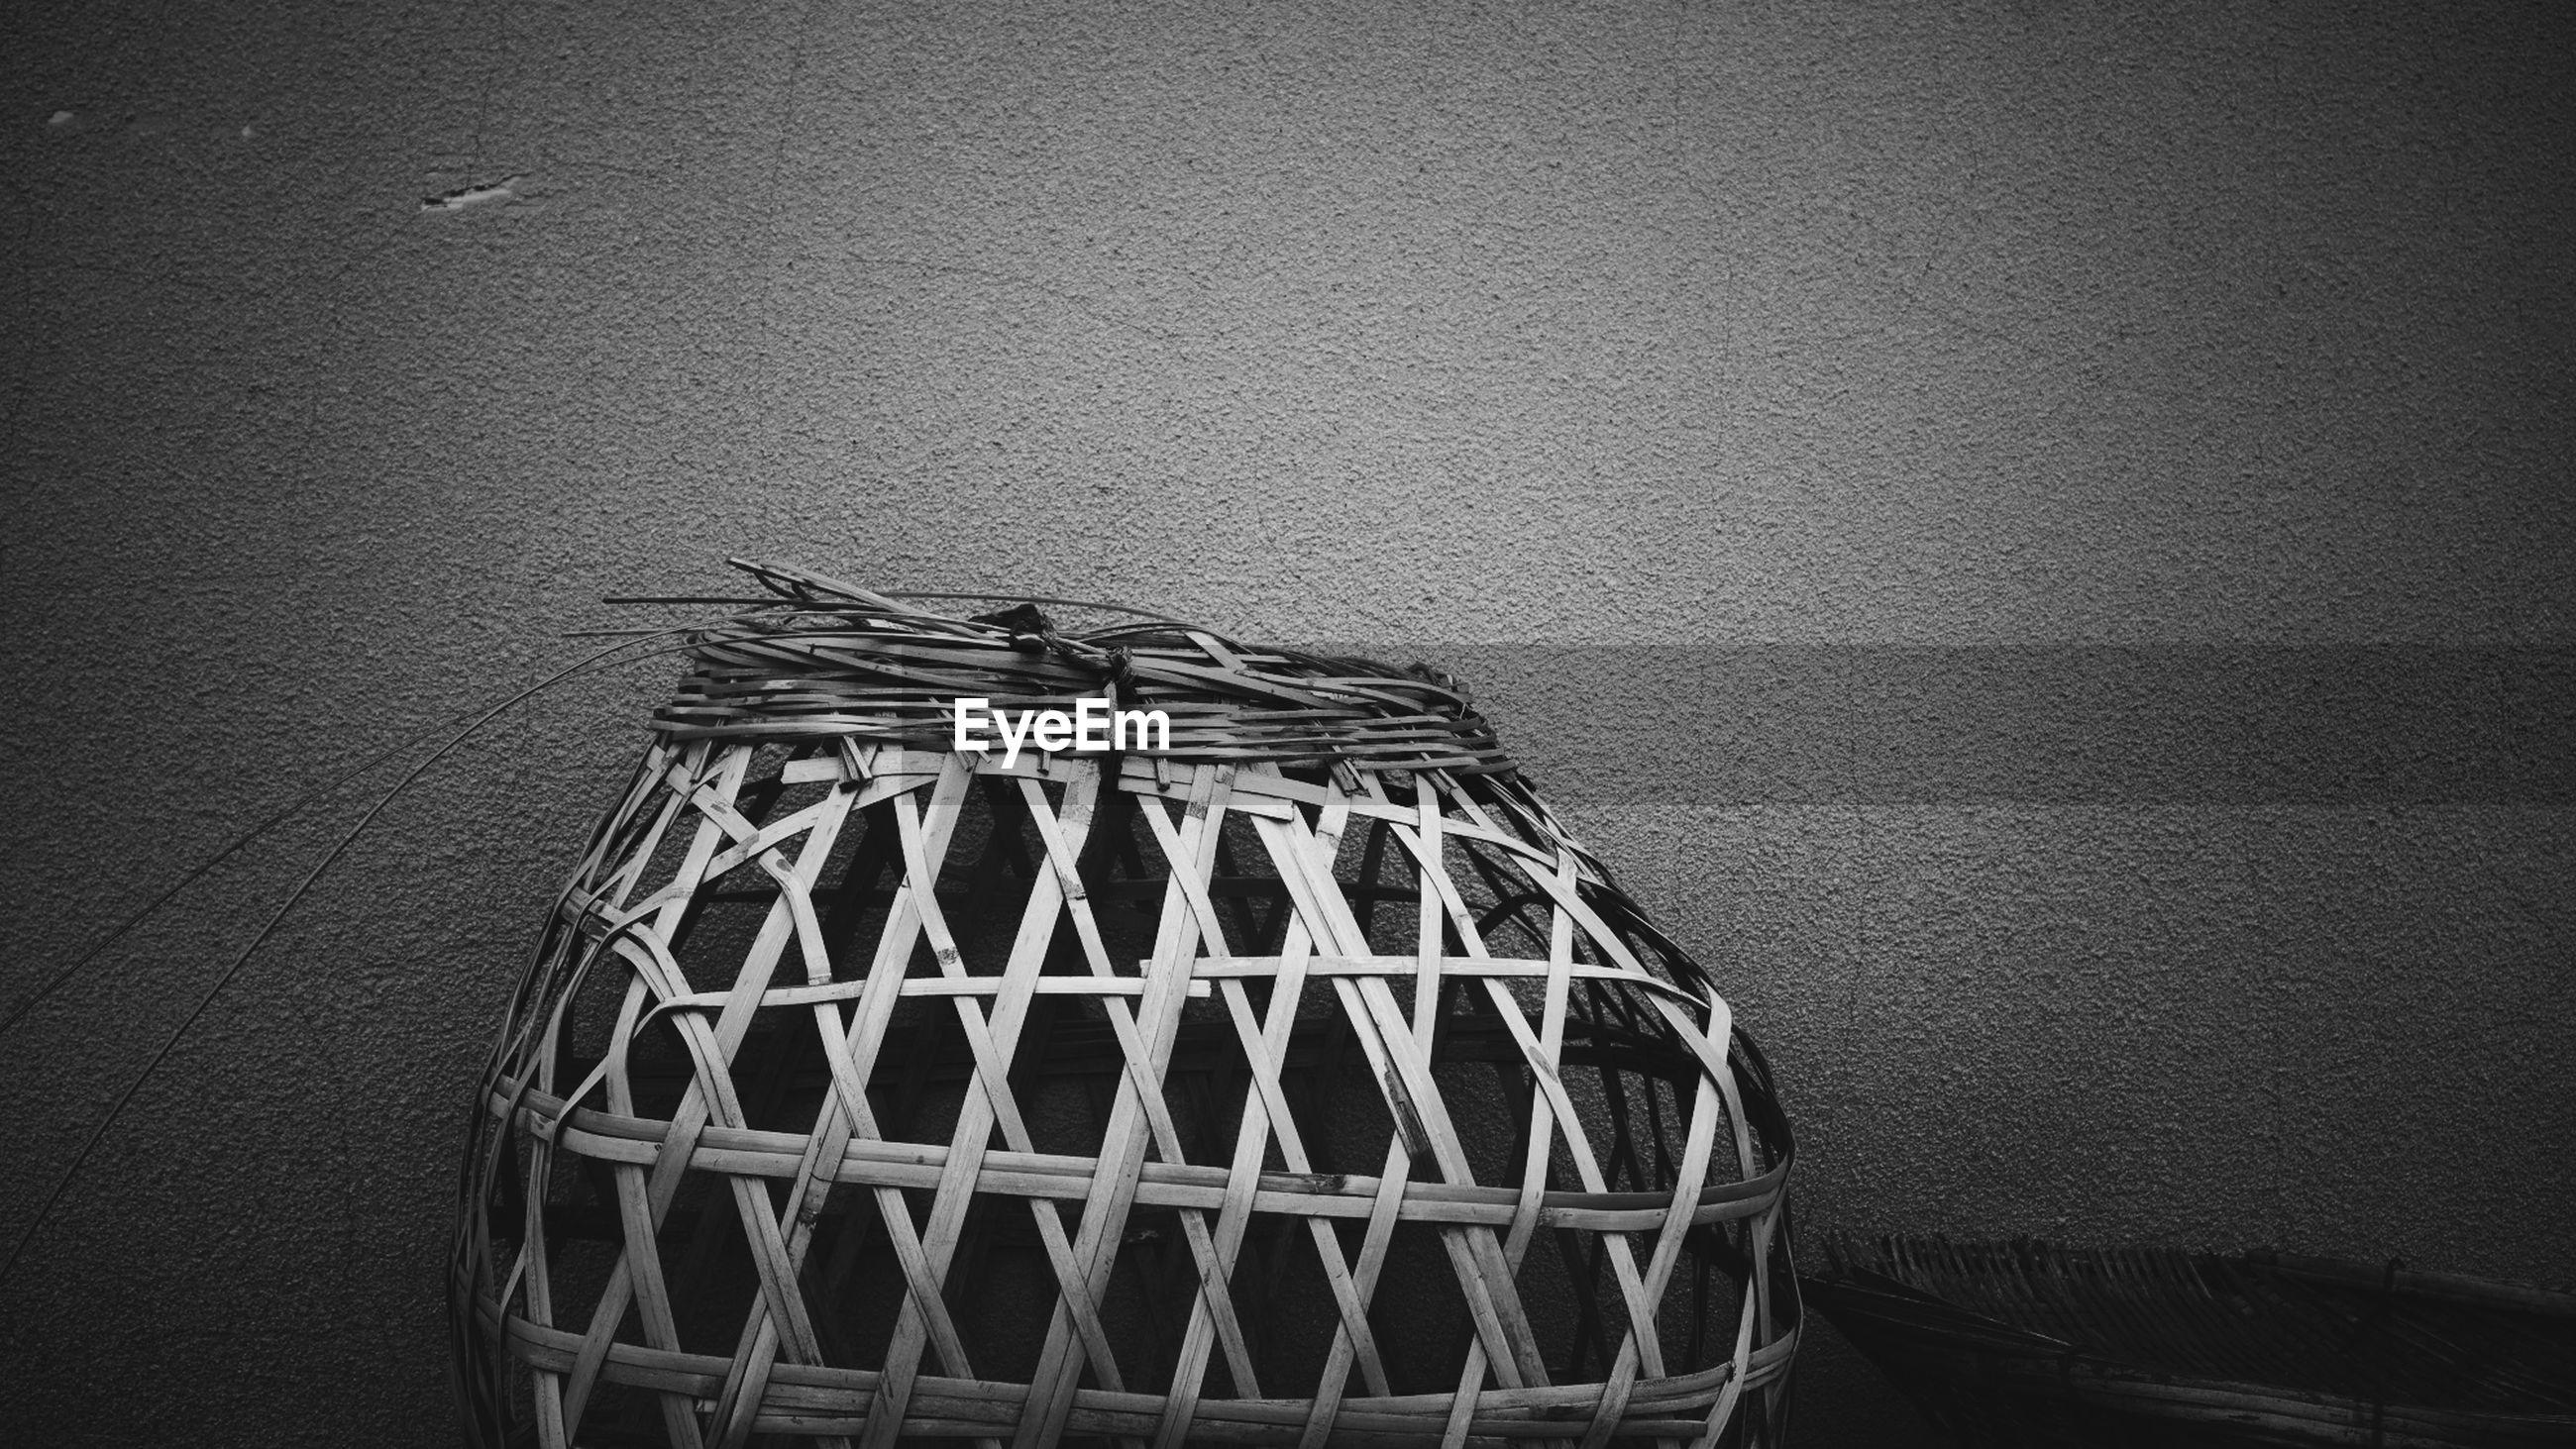 Wicker basket by wall